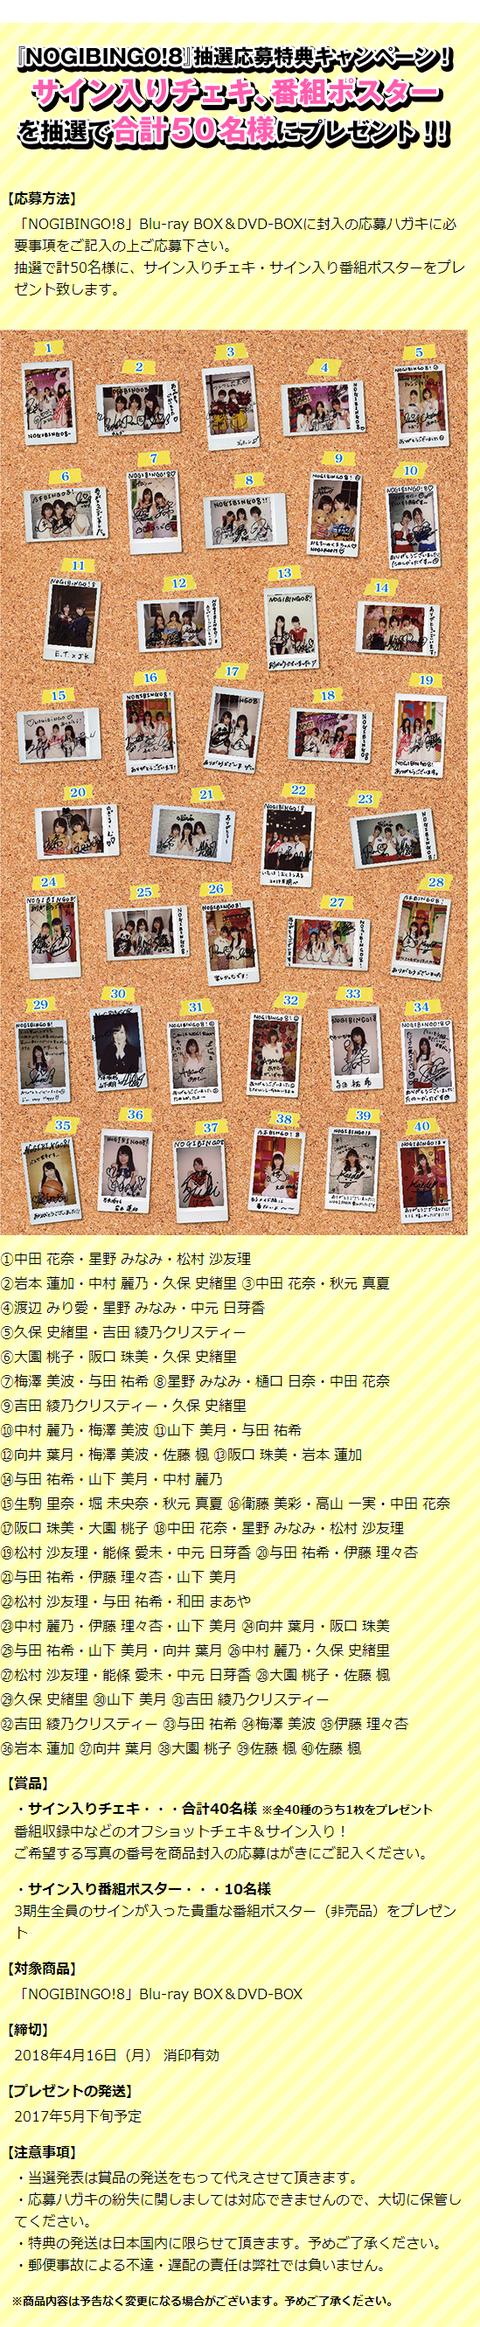 【乃木坂46】3月16日発売『NOGIBINGO!8』特典映像PR動画が公開!3期生のカラオケパーティー楽しそうwww